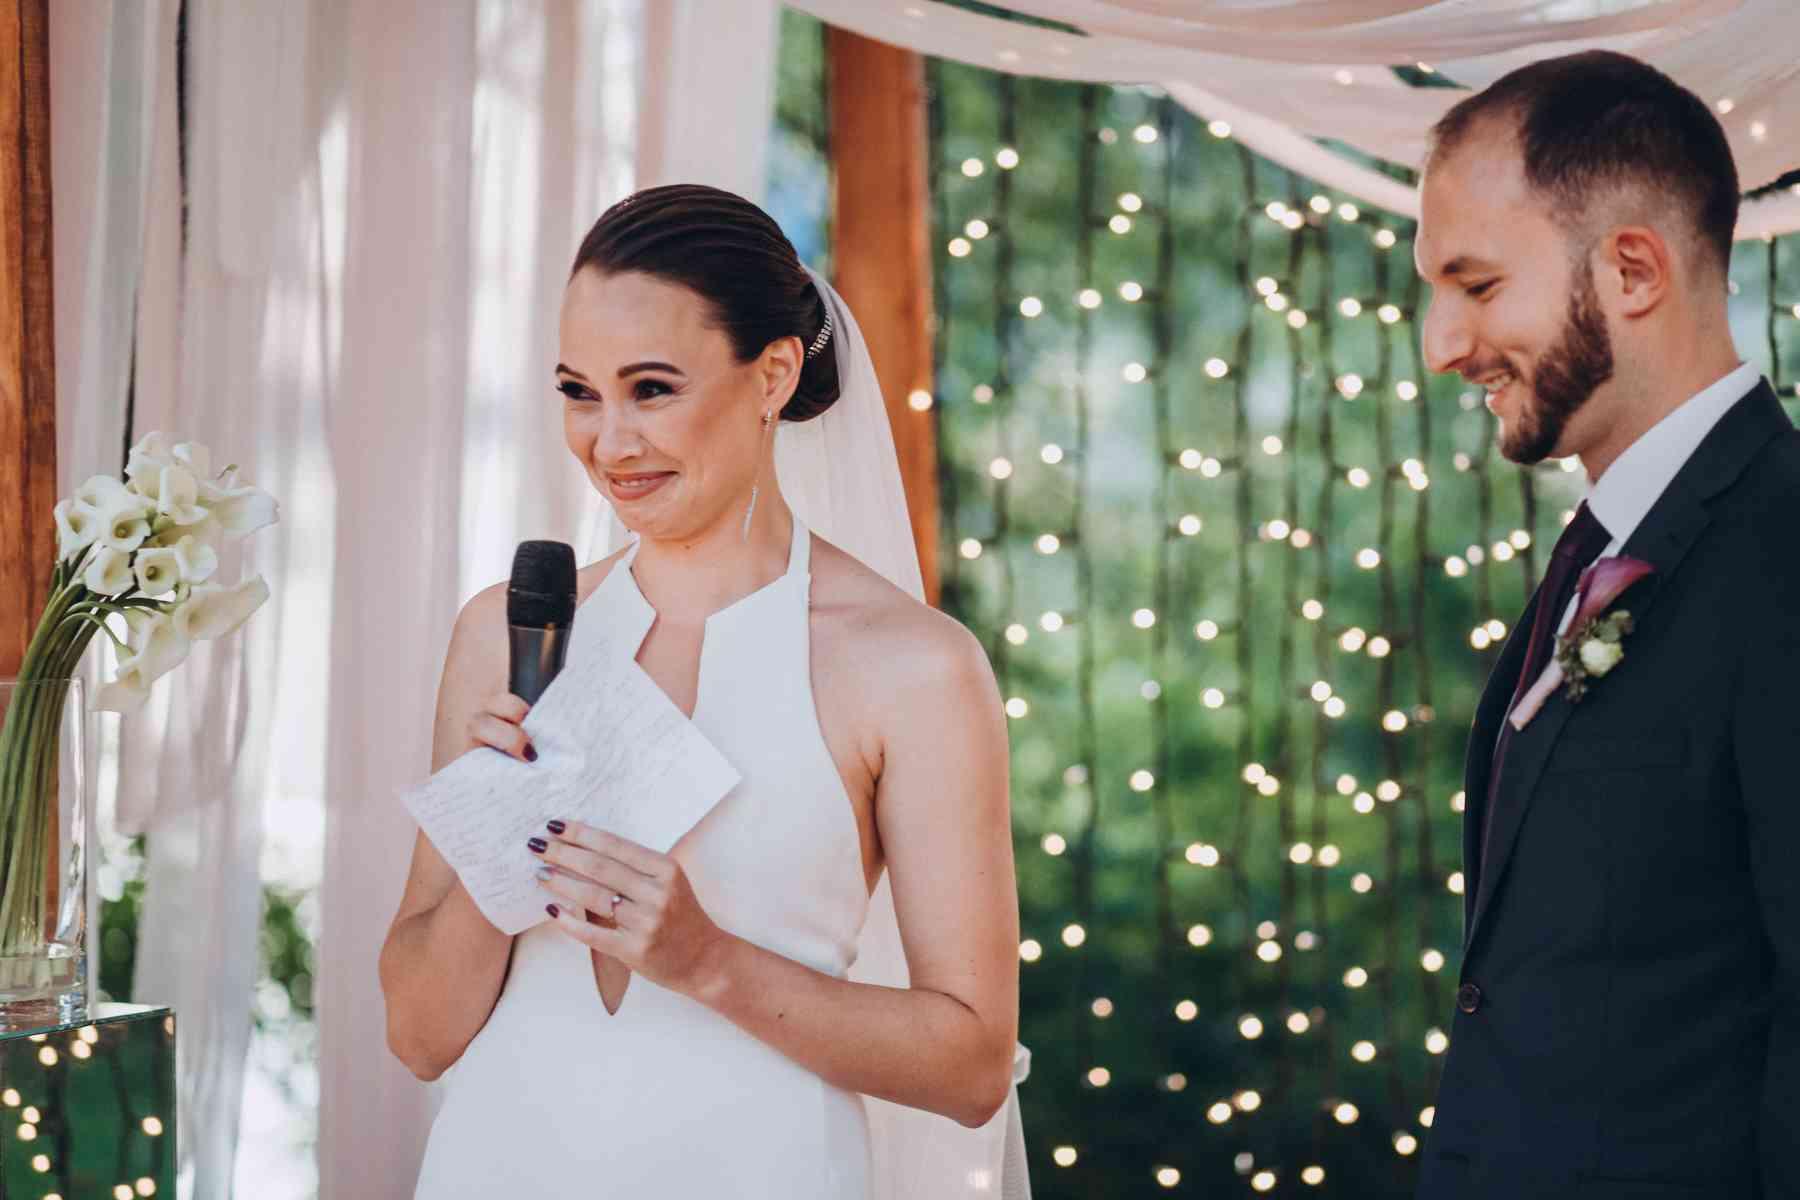 невеста говорит клятву, эмоции